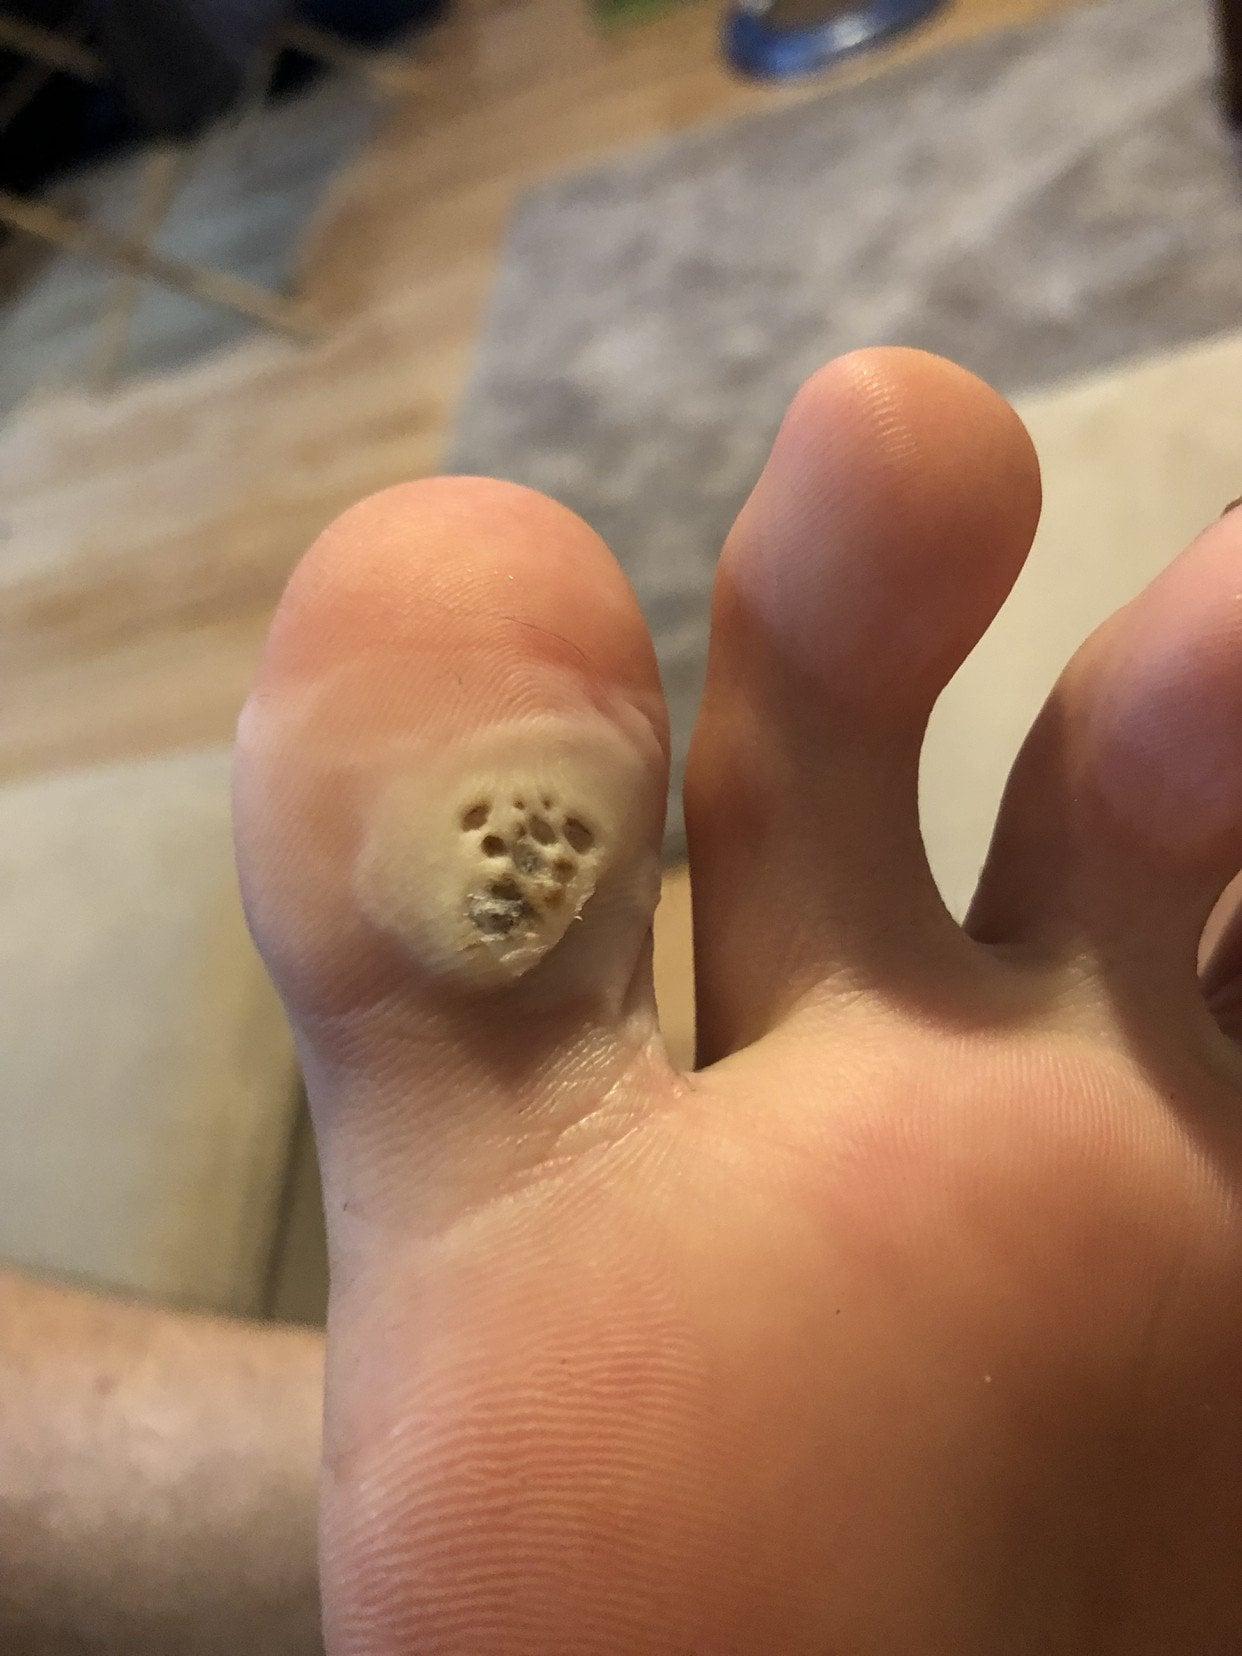 Foot verruca duct tape. Wart in foot sole